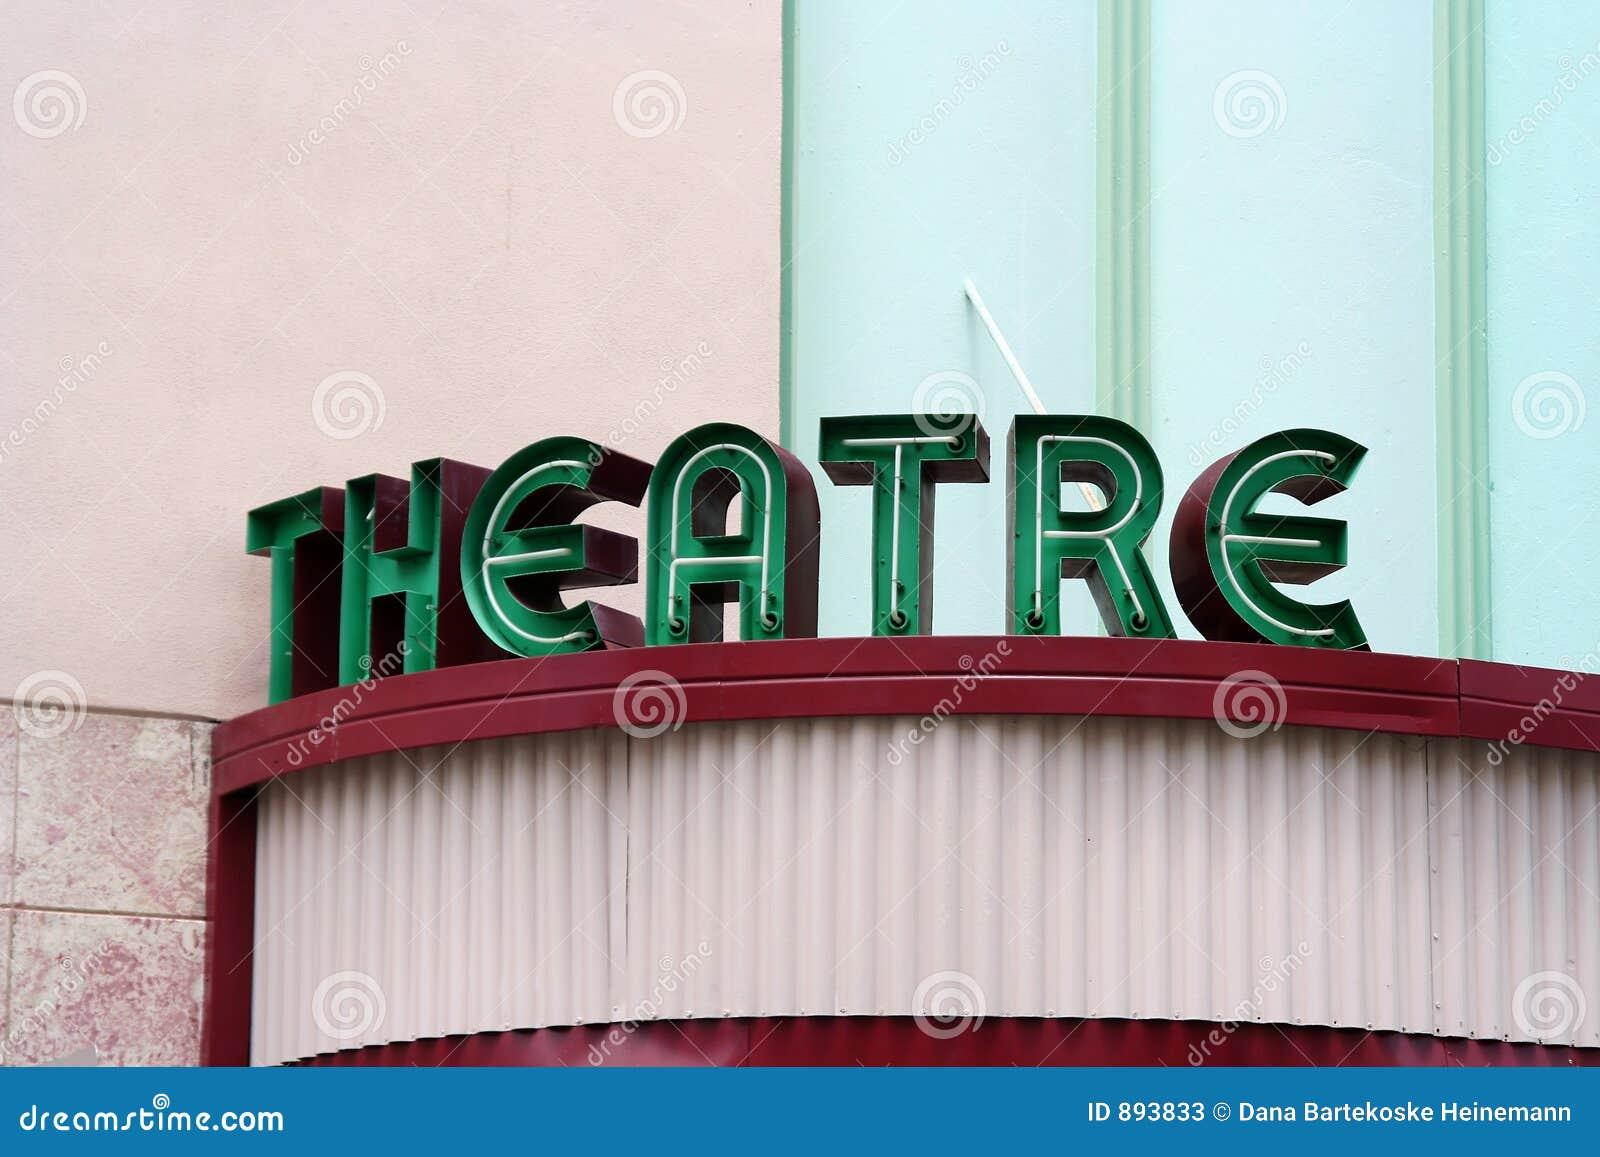 Tablica do teatru